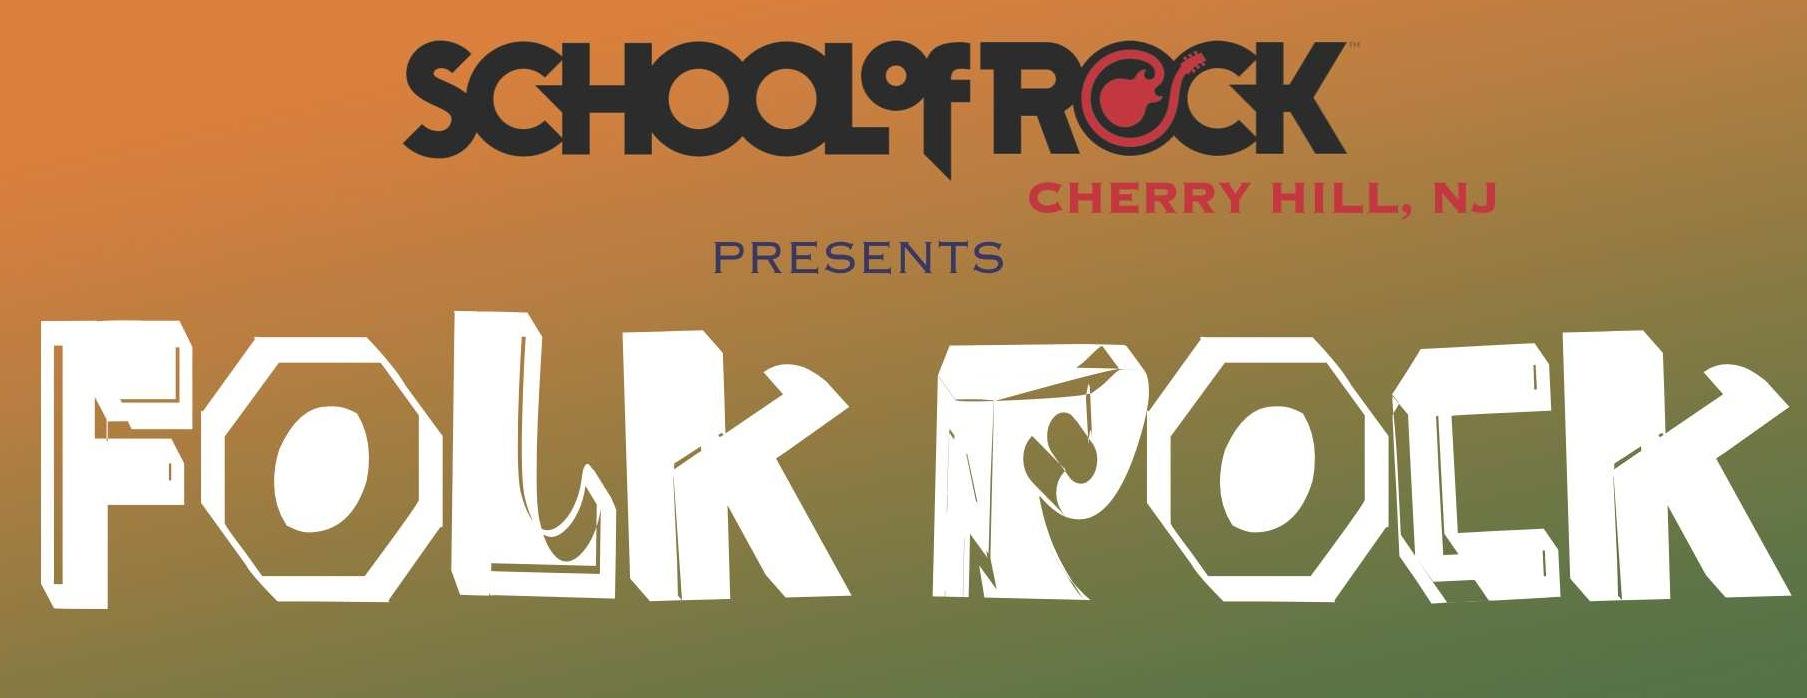 FolkRock_Flyer12x17 copy.jpeg